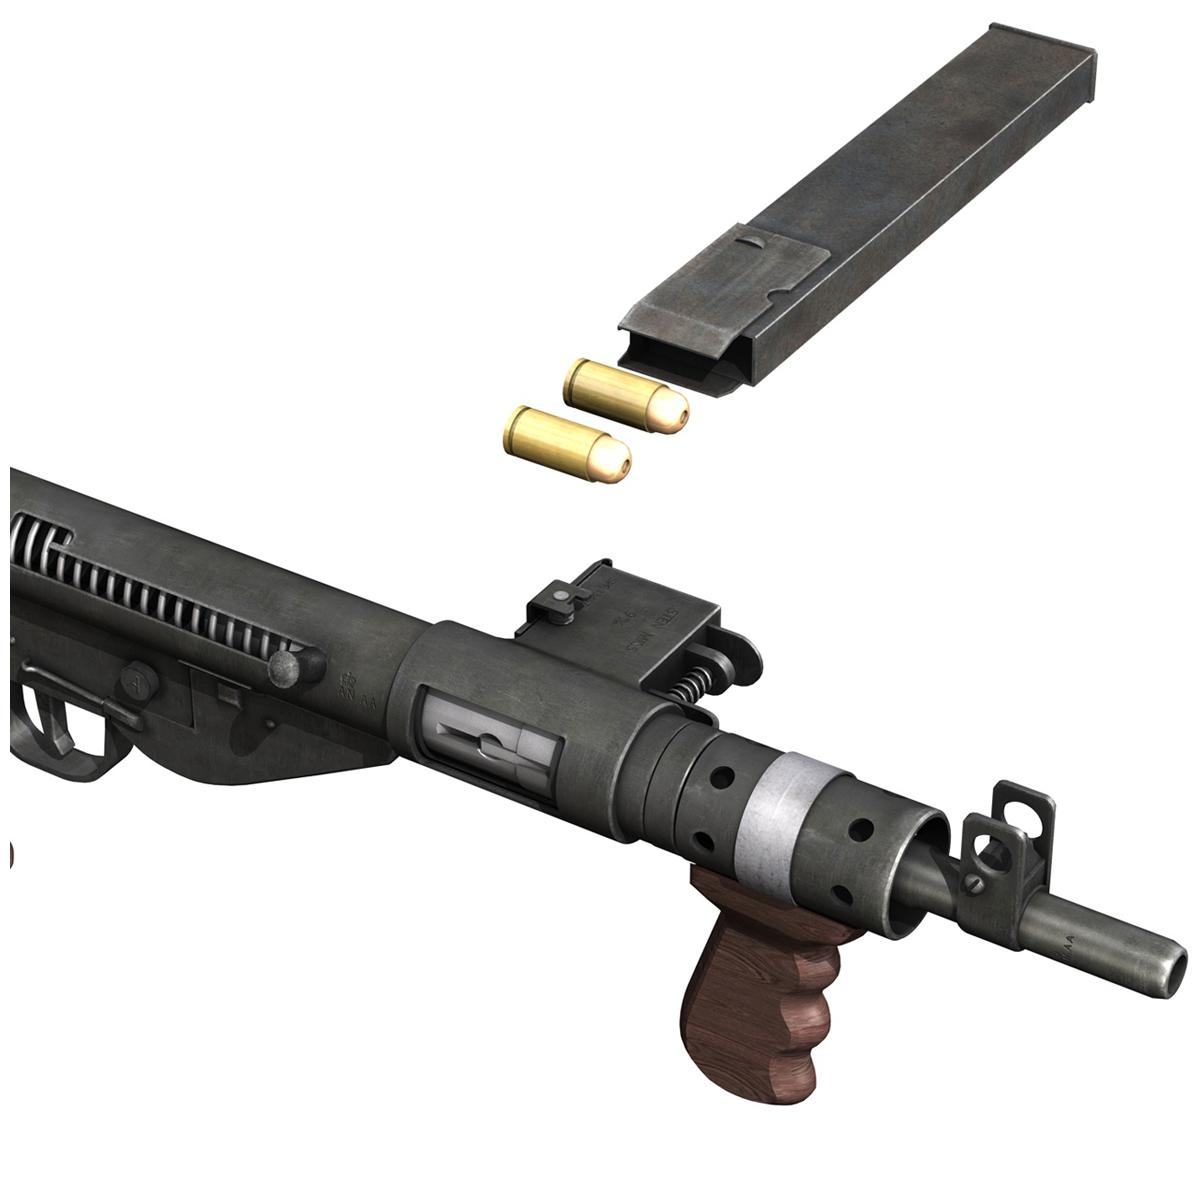 sten mk.v submachine gun 3d model 3ds fbx c4d lwo obj 195129